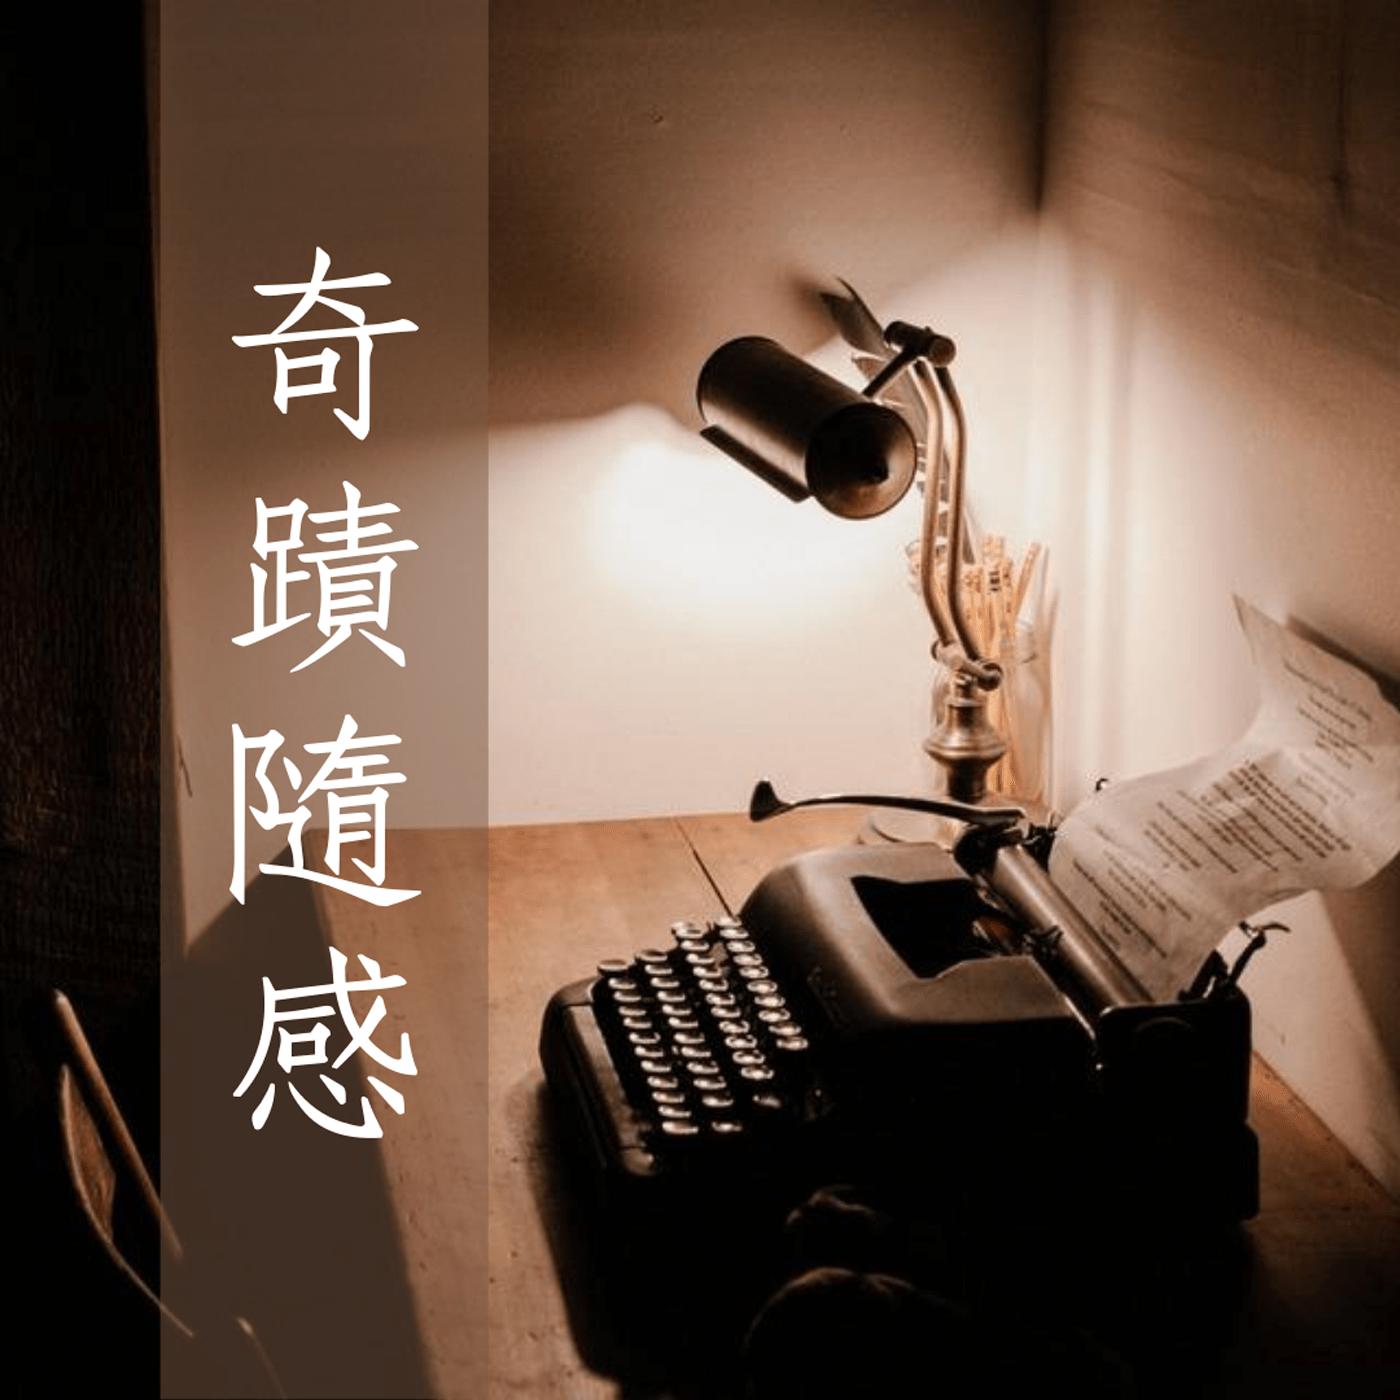 正視死亡|奇蹟隨感 EP 71